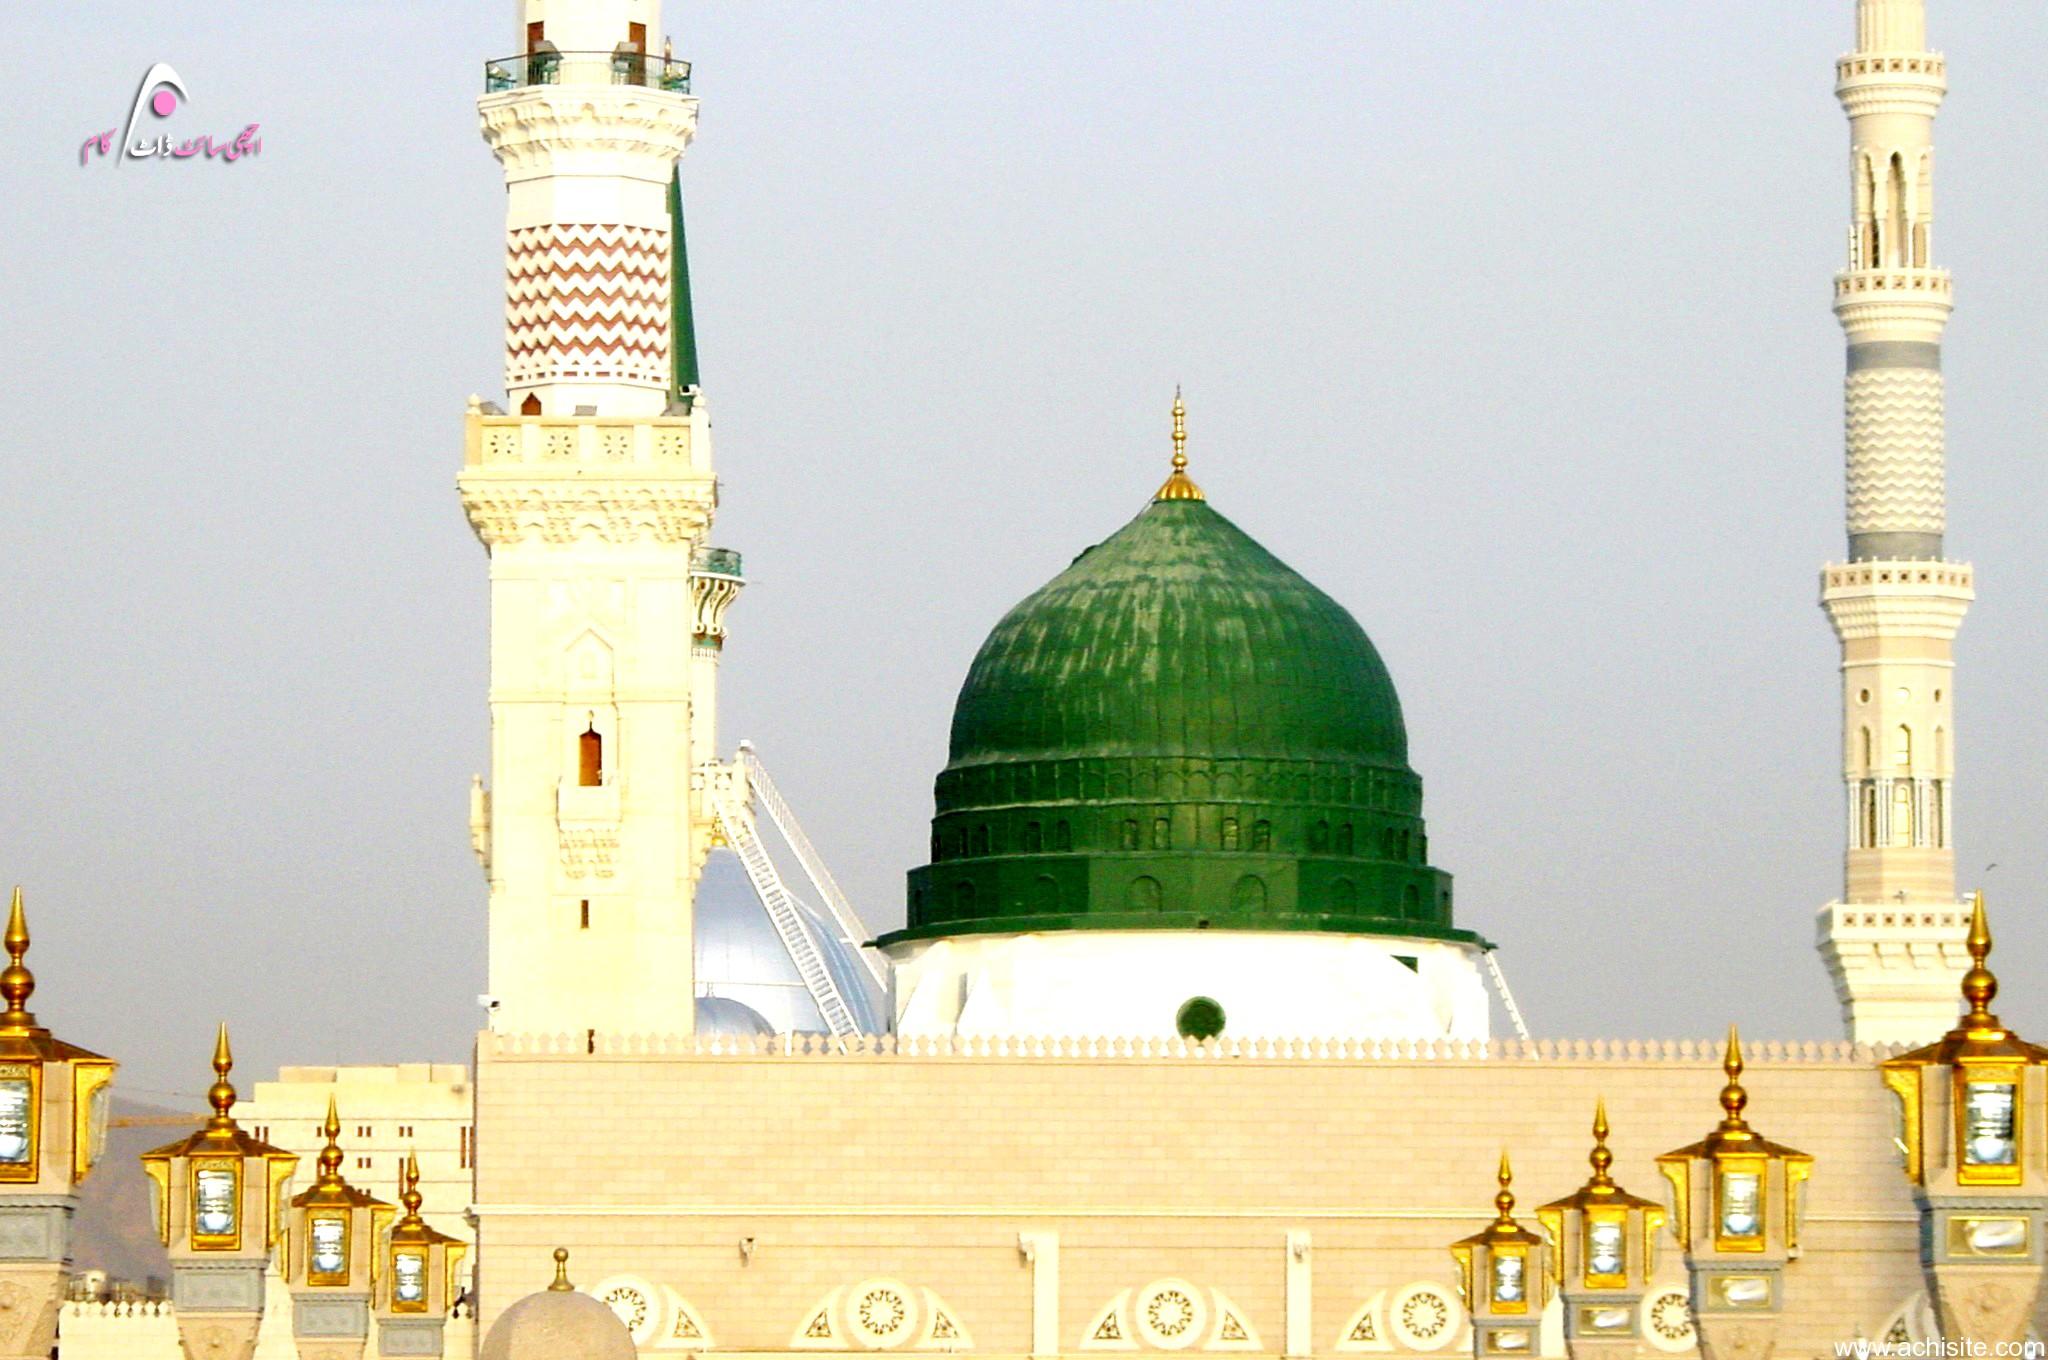 hd islamic wallpapers, hd madina wallpapers, madina